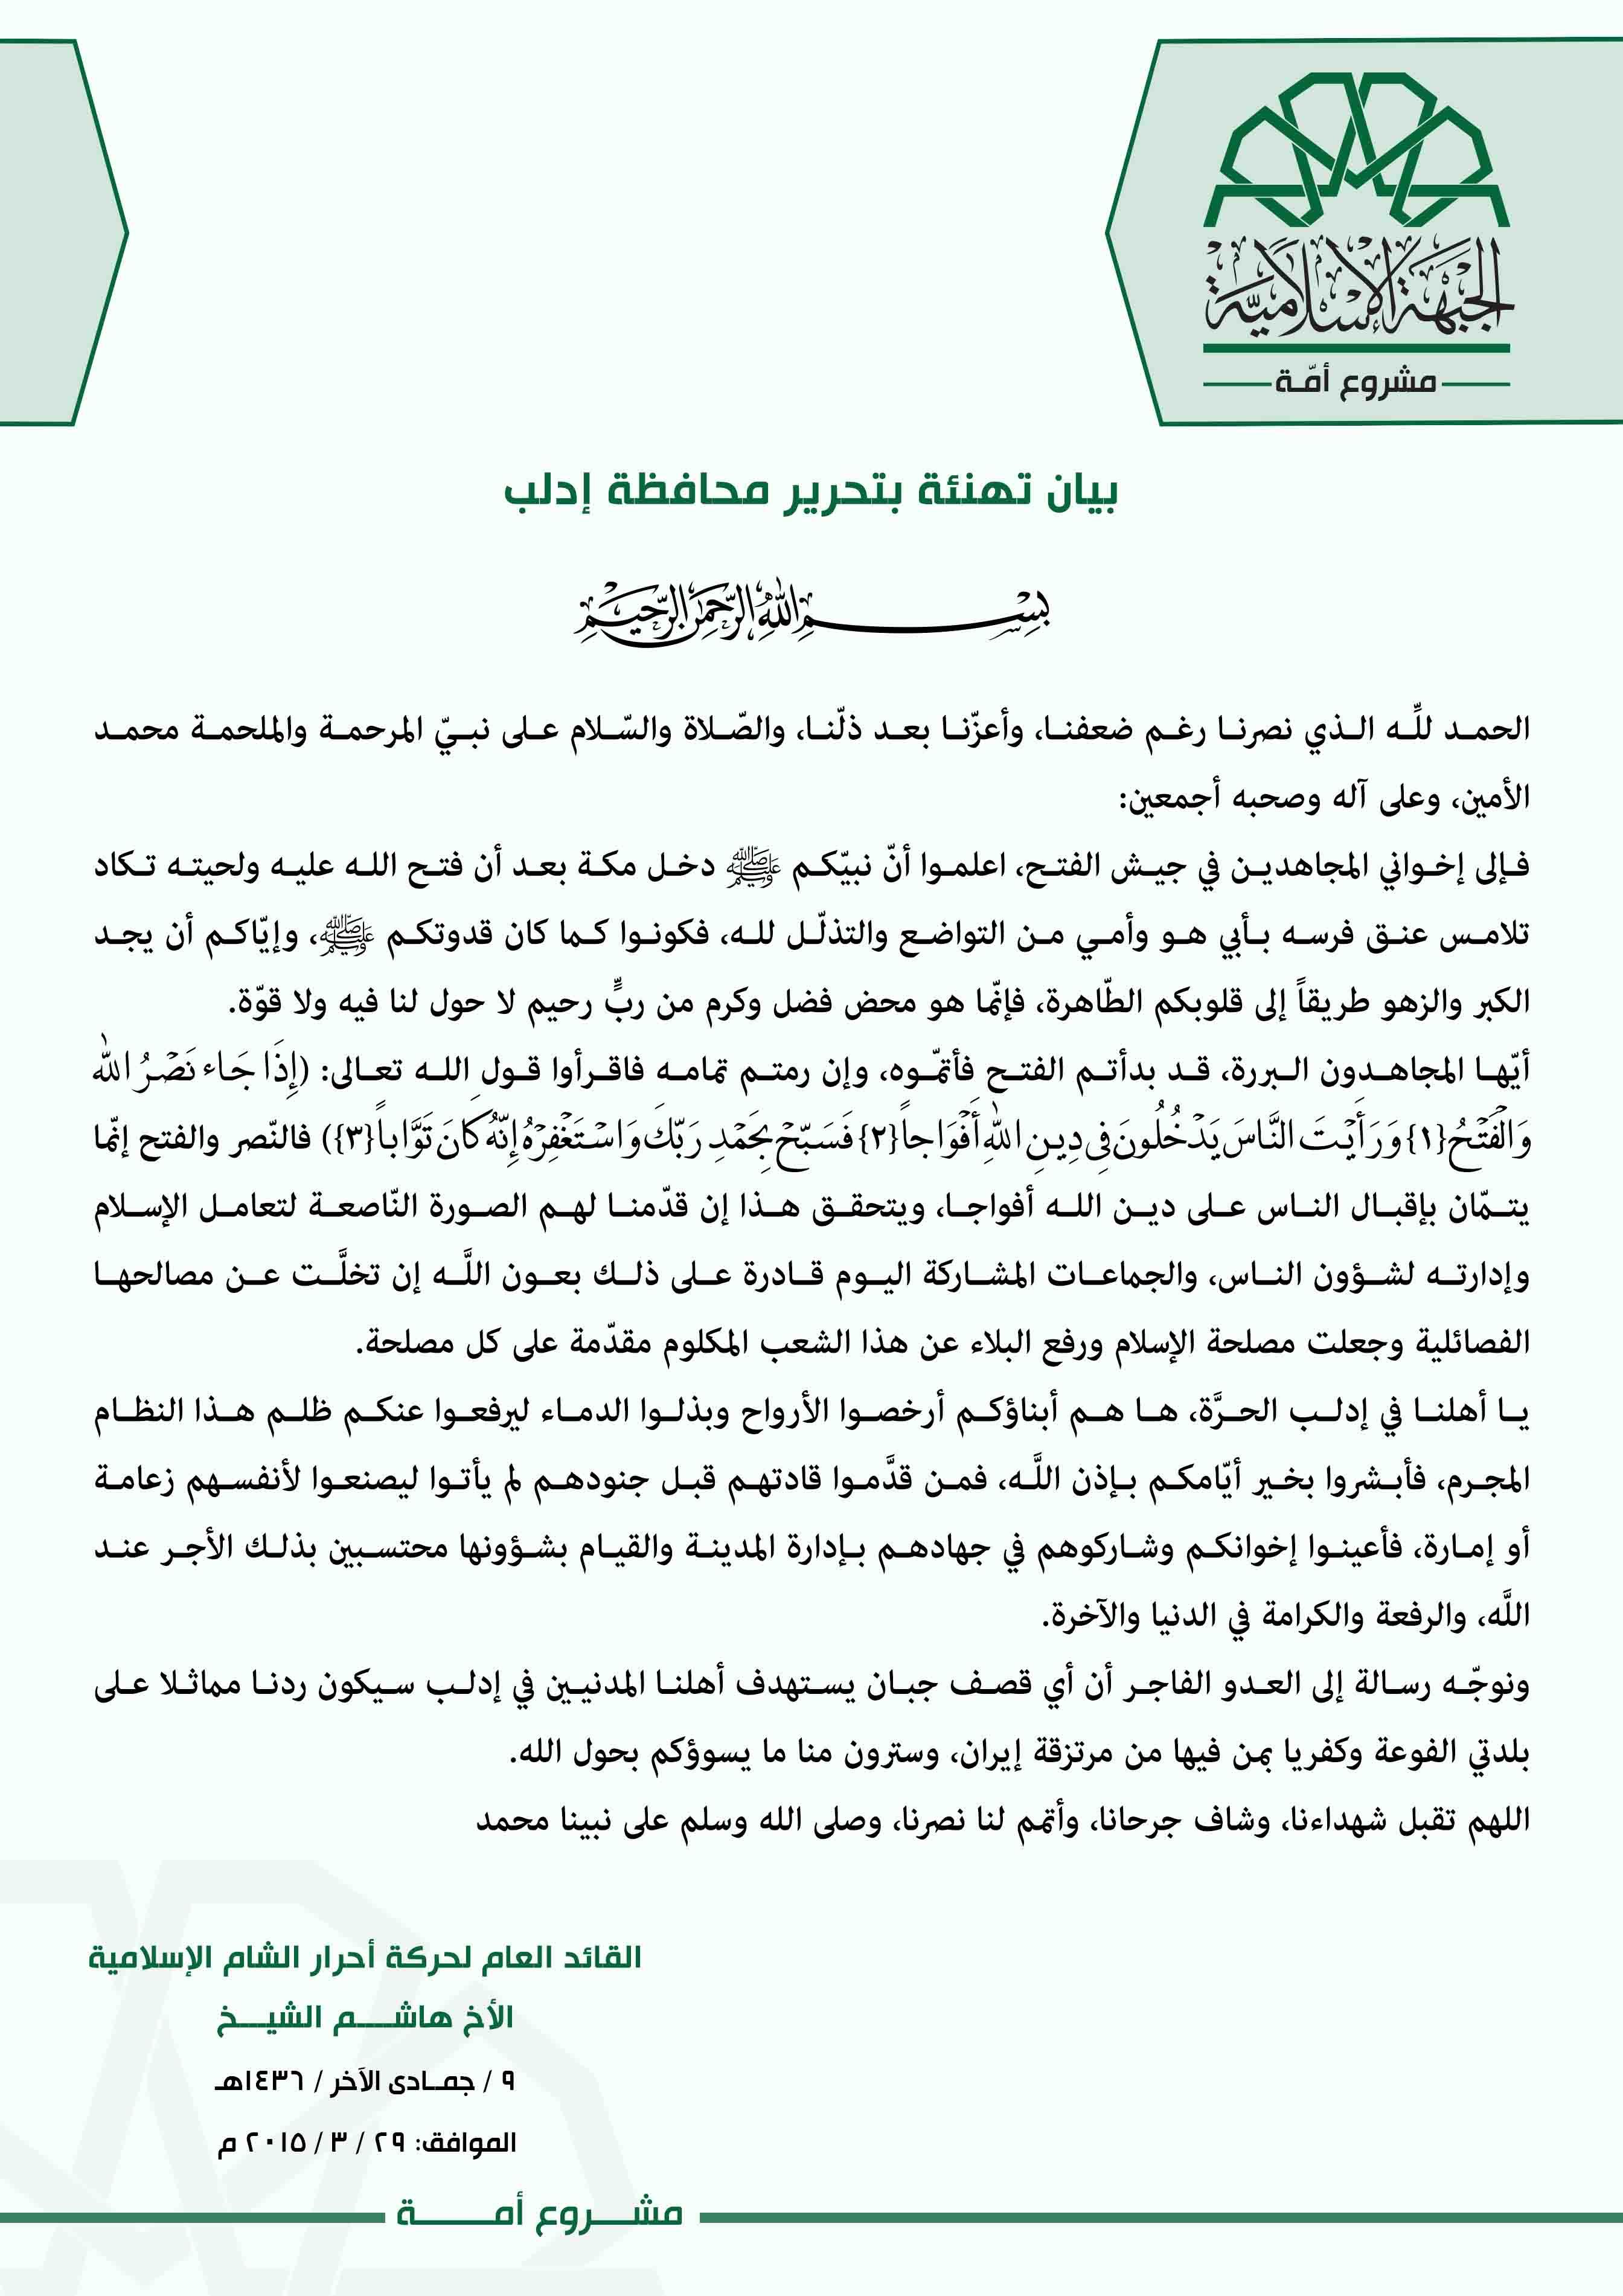 تهنئة الأخ هاشم الشيخ القائد العام لحركة أحرار الشام الإسلامية لأهالي سوريا بتحرير إدلب